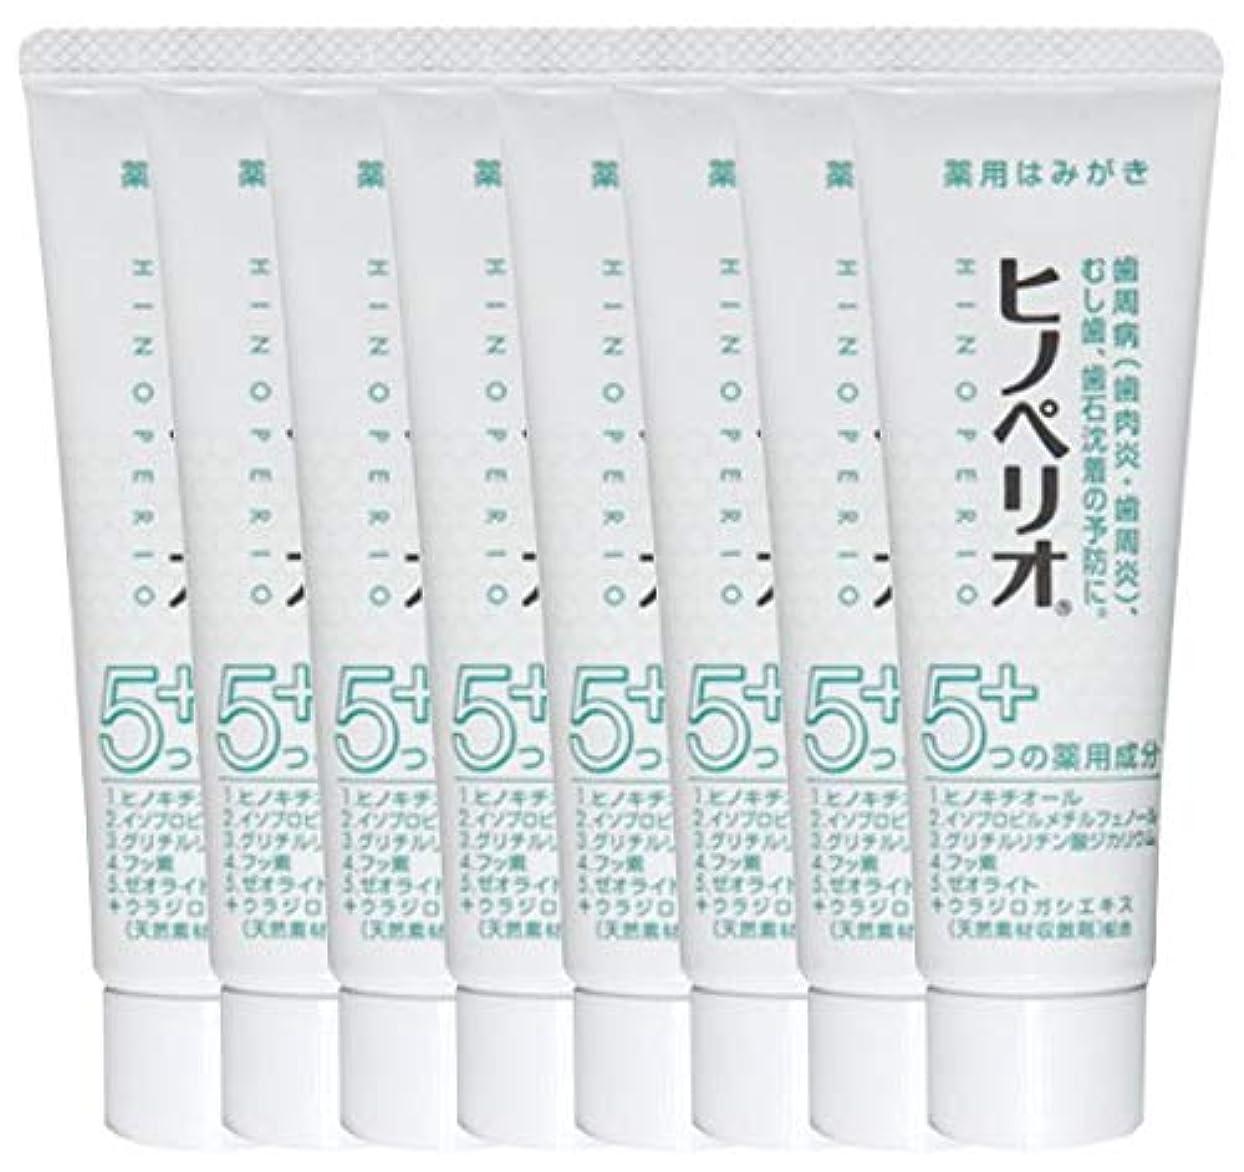 しかしながらトランスペアレント錆び昭和薬品 ヒノペリオ60g 医薬部外品 × 8本